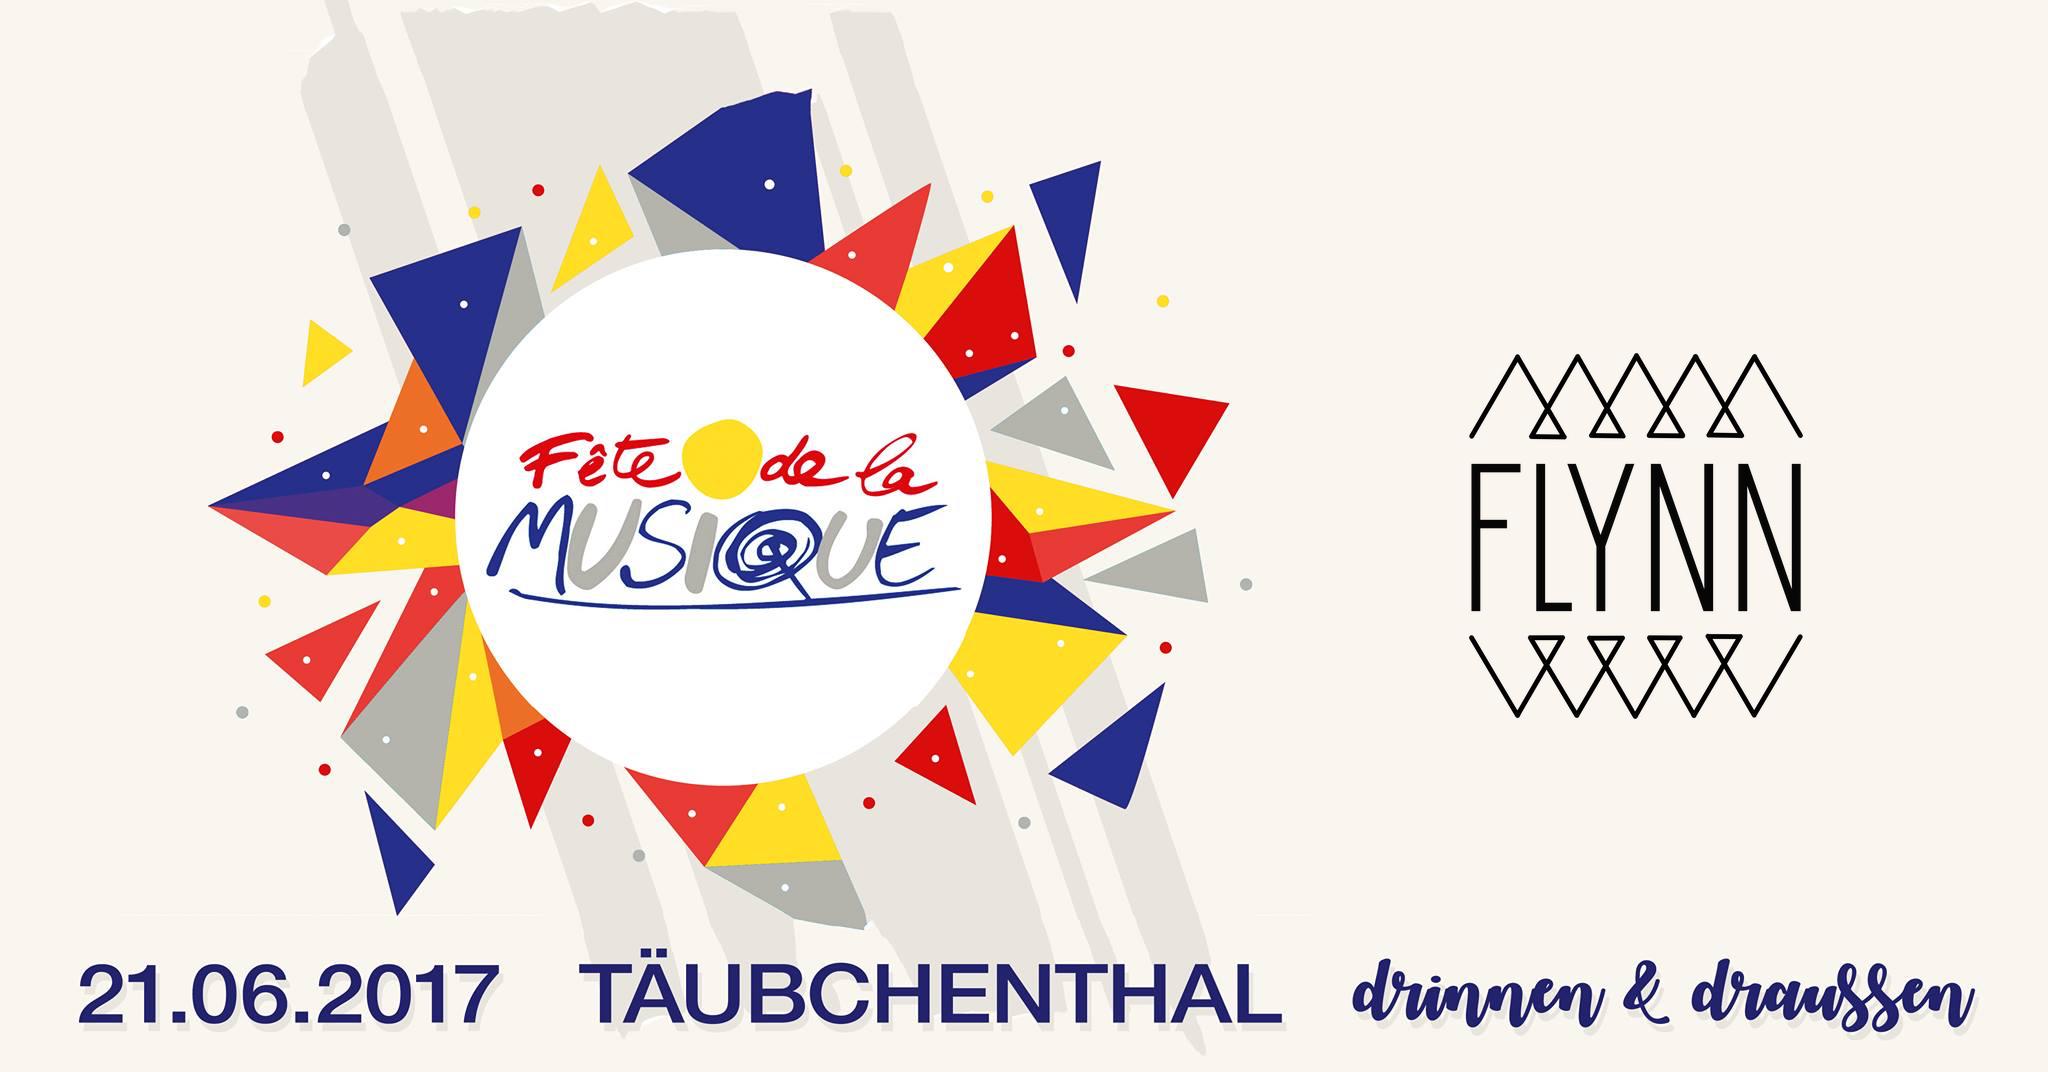 21.06.2017 - Fête de la Musique 2017, Täubchenthal